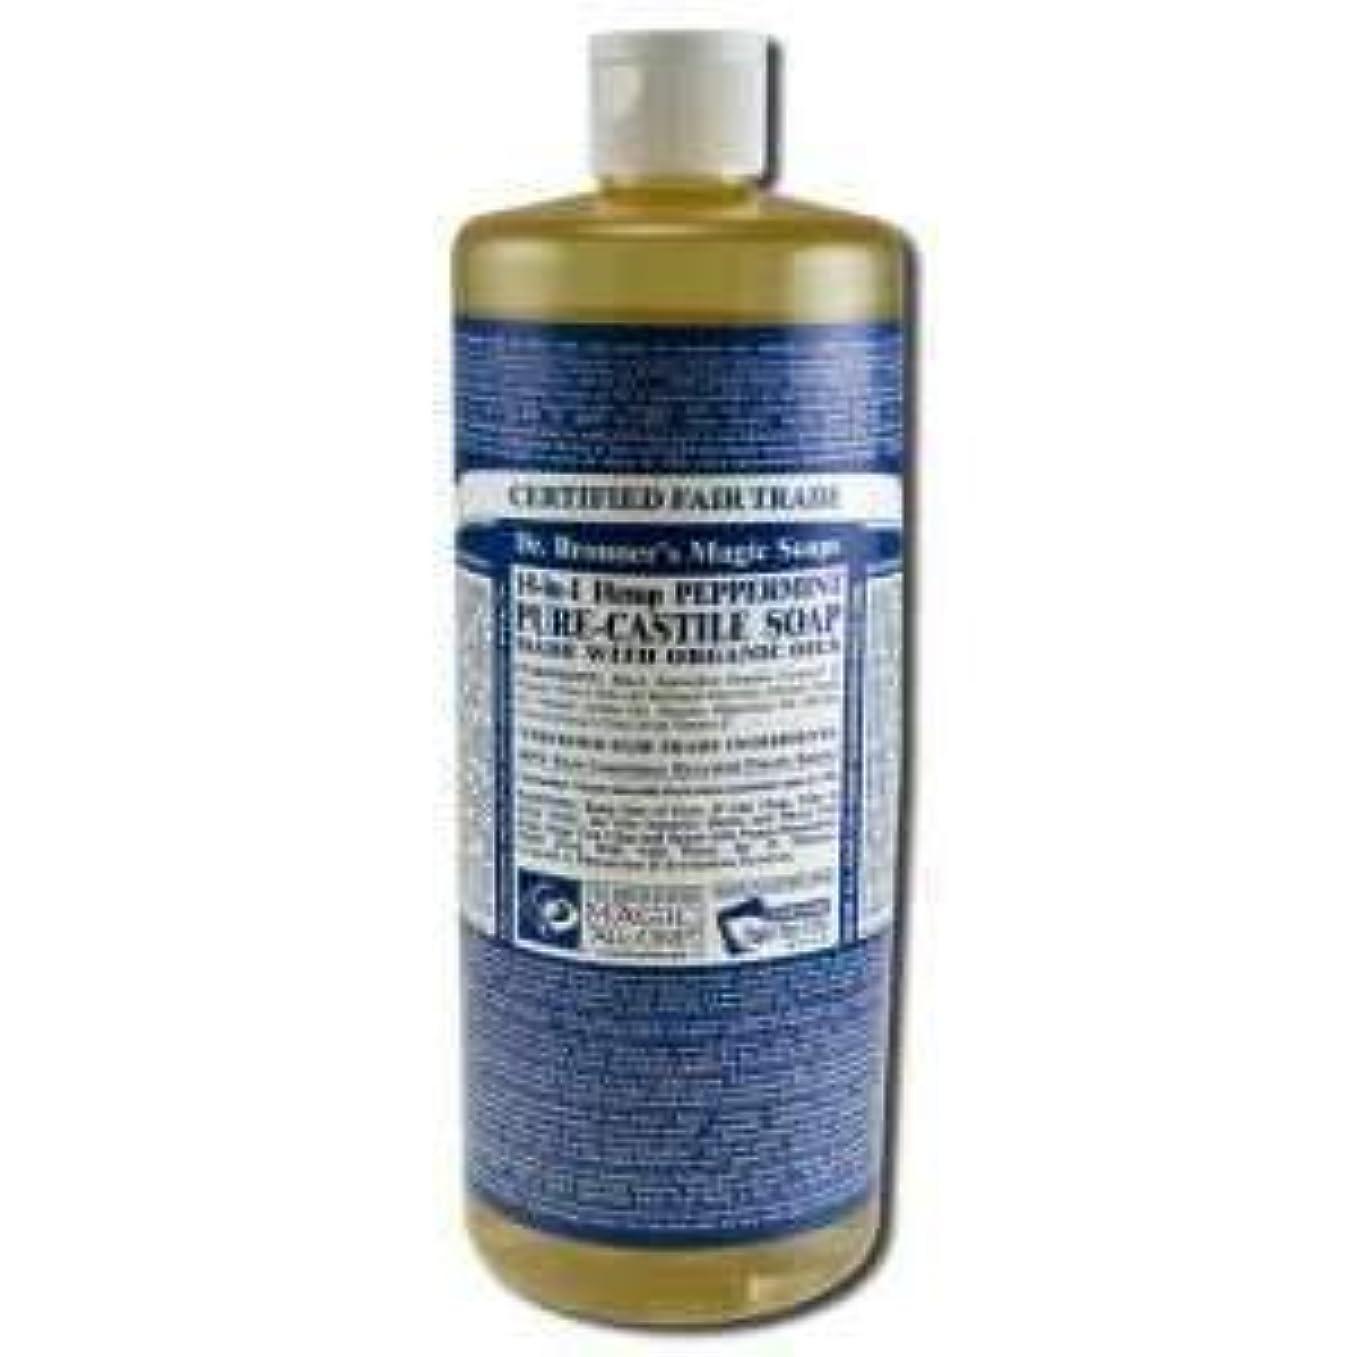 光添加剤ベリドクターブロナー マジックソープ (ペパーミント) 944ml